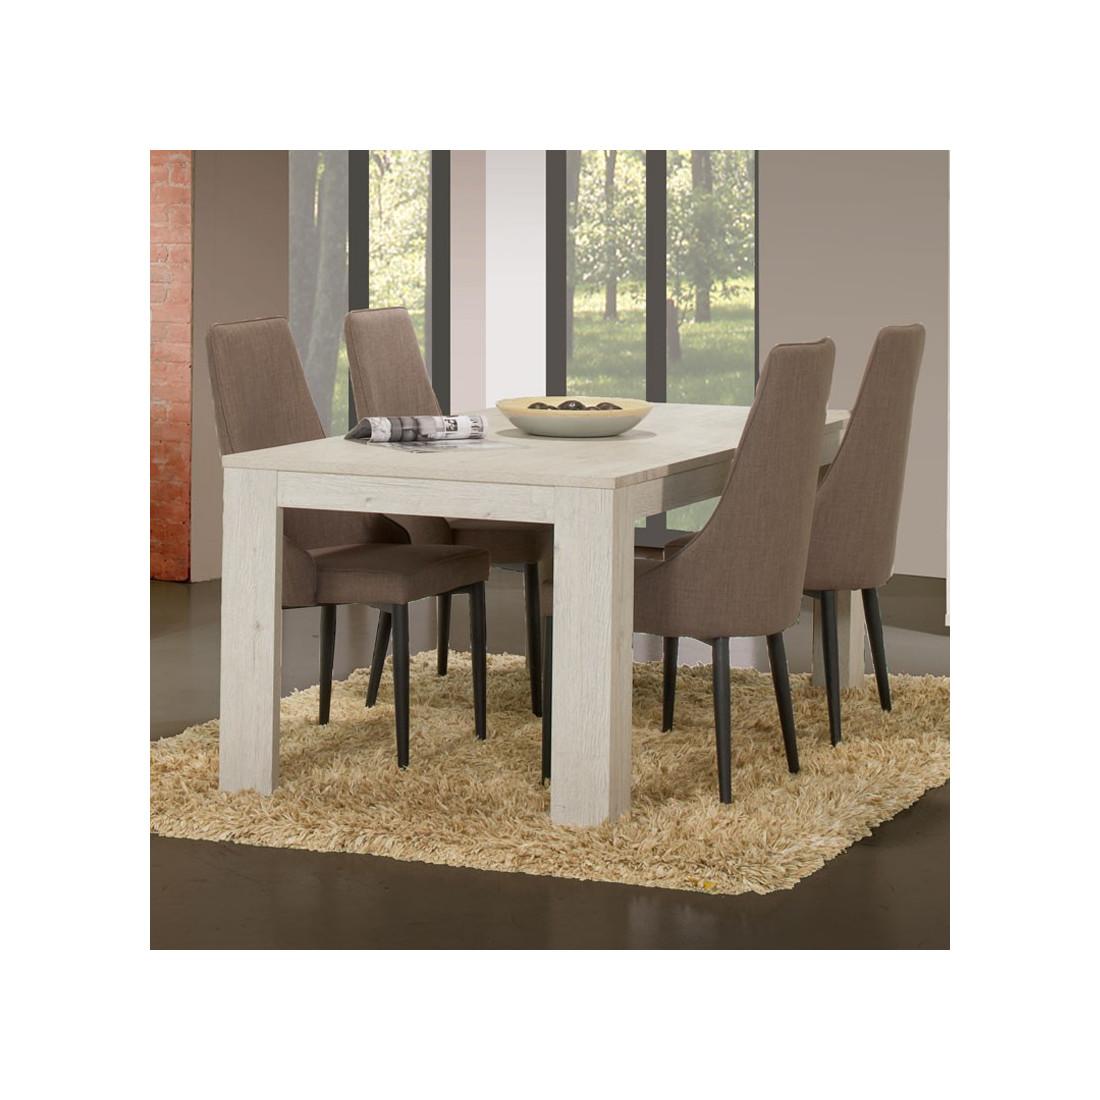 Table de repas 160 cm ZURICH